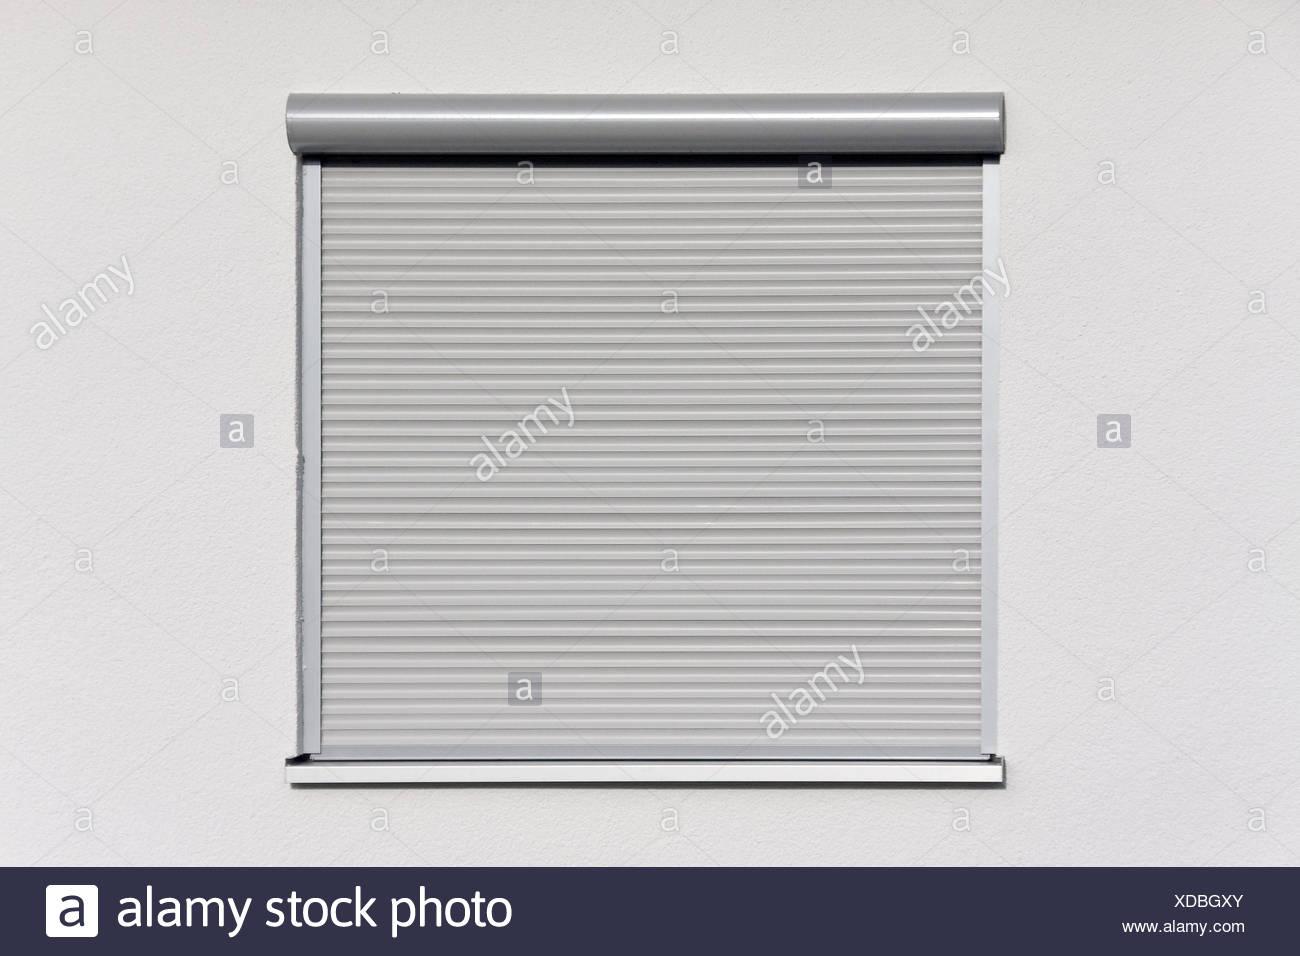 Wohnhaus Detail Fenster Rollladen Geschlossene Haus Fassade